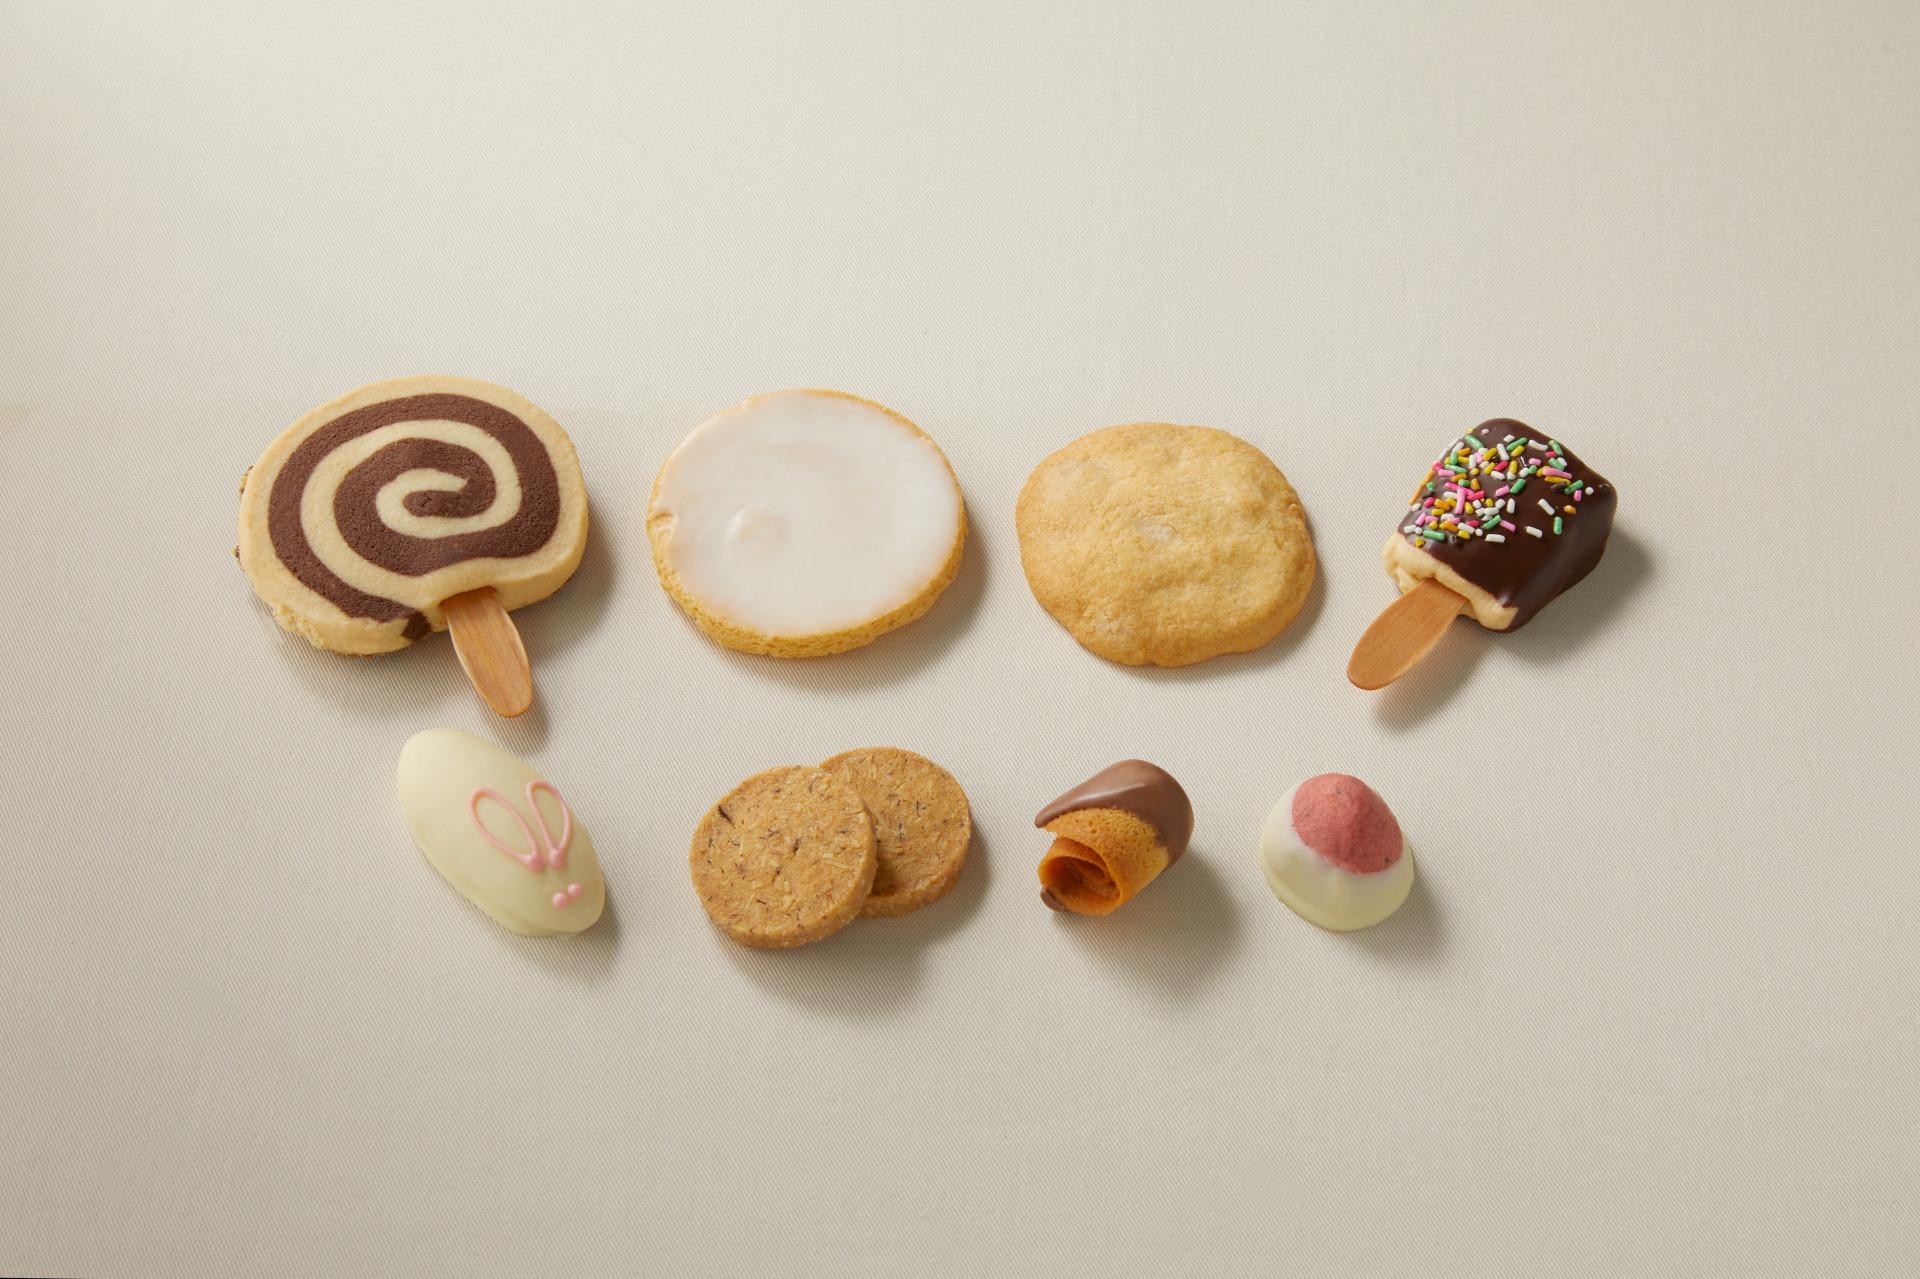 やきがしやSUSUCRE「焼き菓子セット6」2,950円 【問い合わせ先】 やきがしや SUSUCRE TEL:03-5856-6284 公式サイト:http://www.susucre.com/index.html